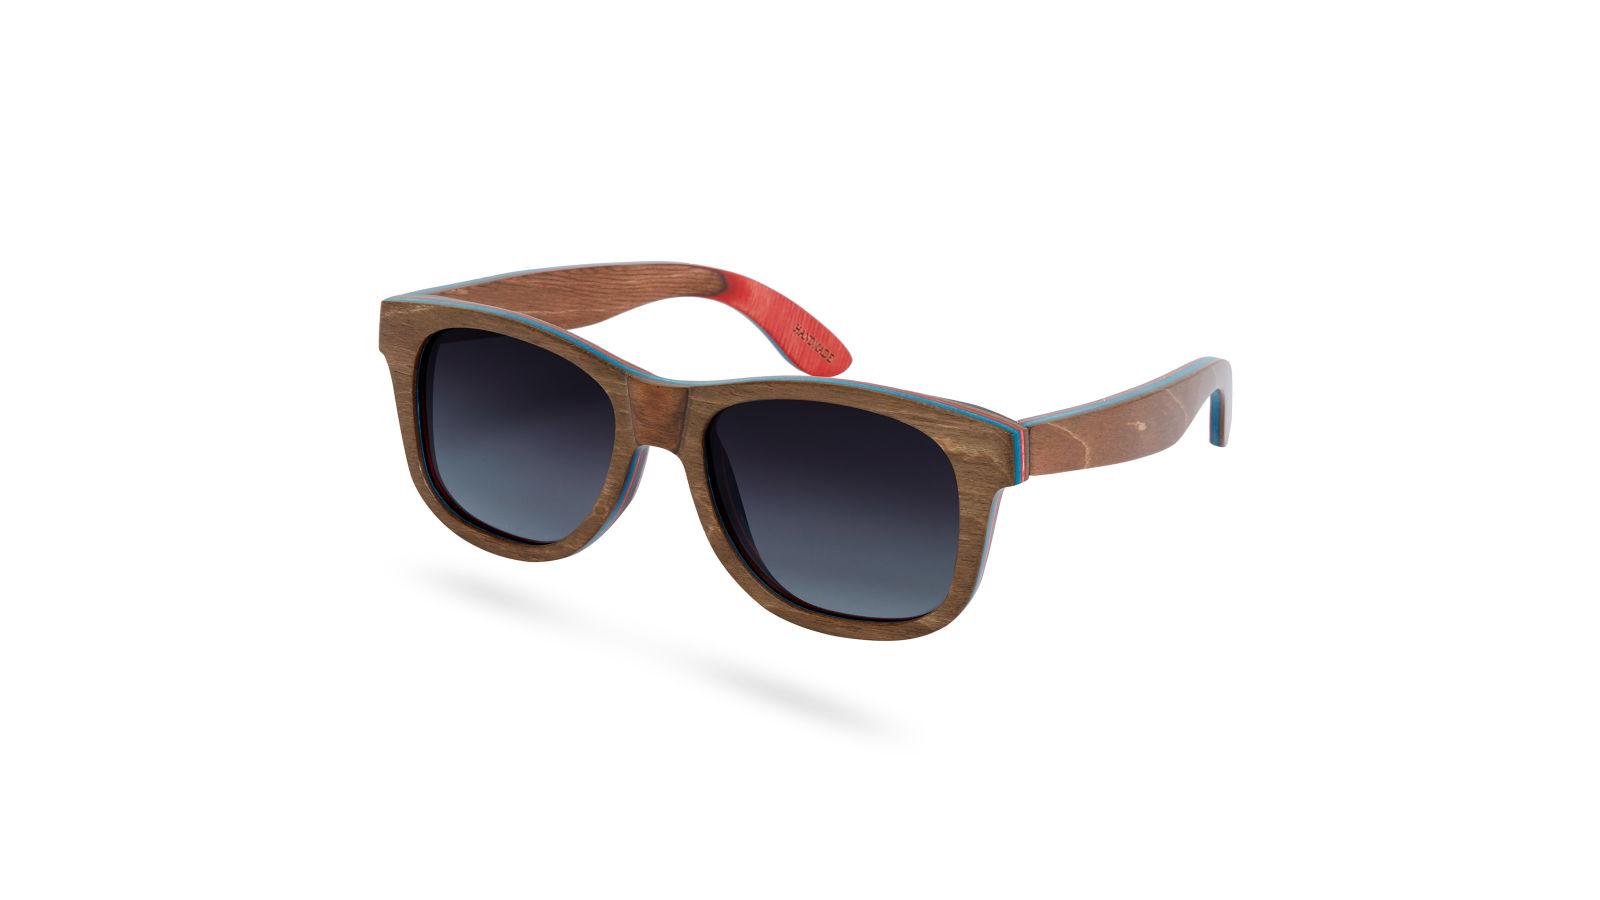 Brune & Grå Polariserede Solbriller i Finer   Fri fragt   Paul Riley